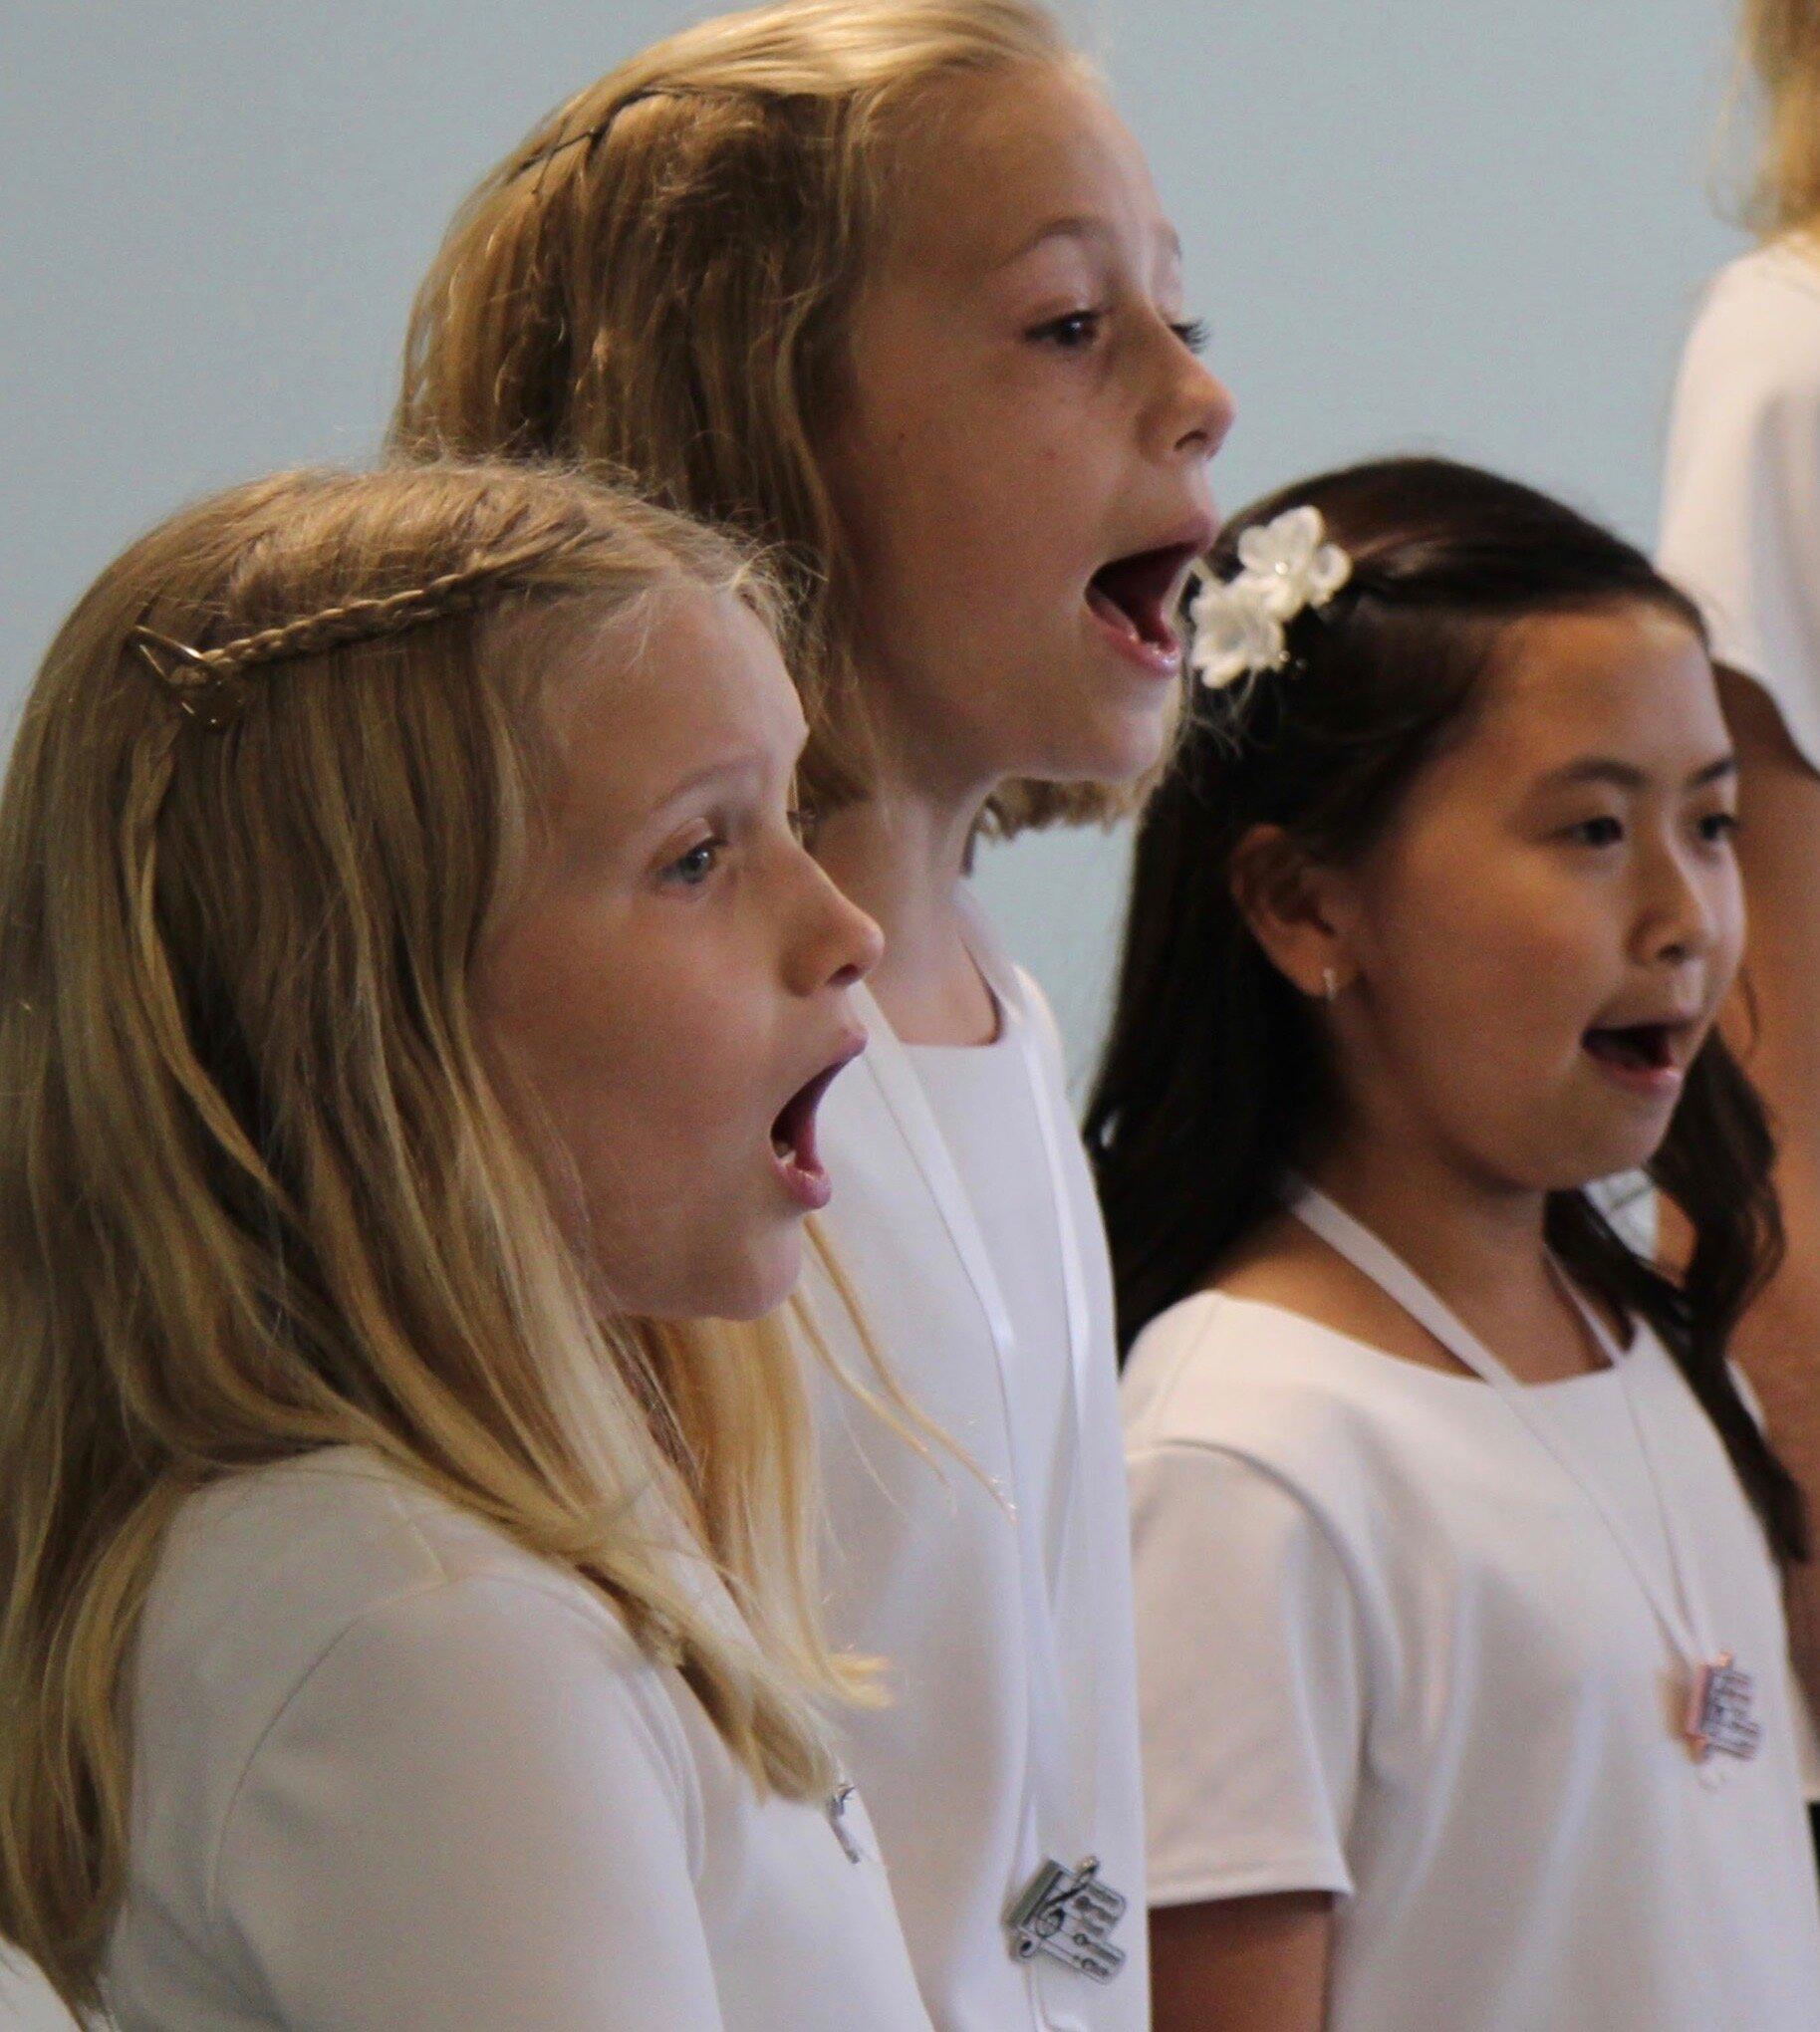 *prep choir 3 cropped.jpg